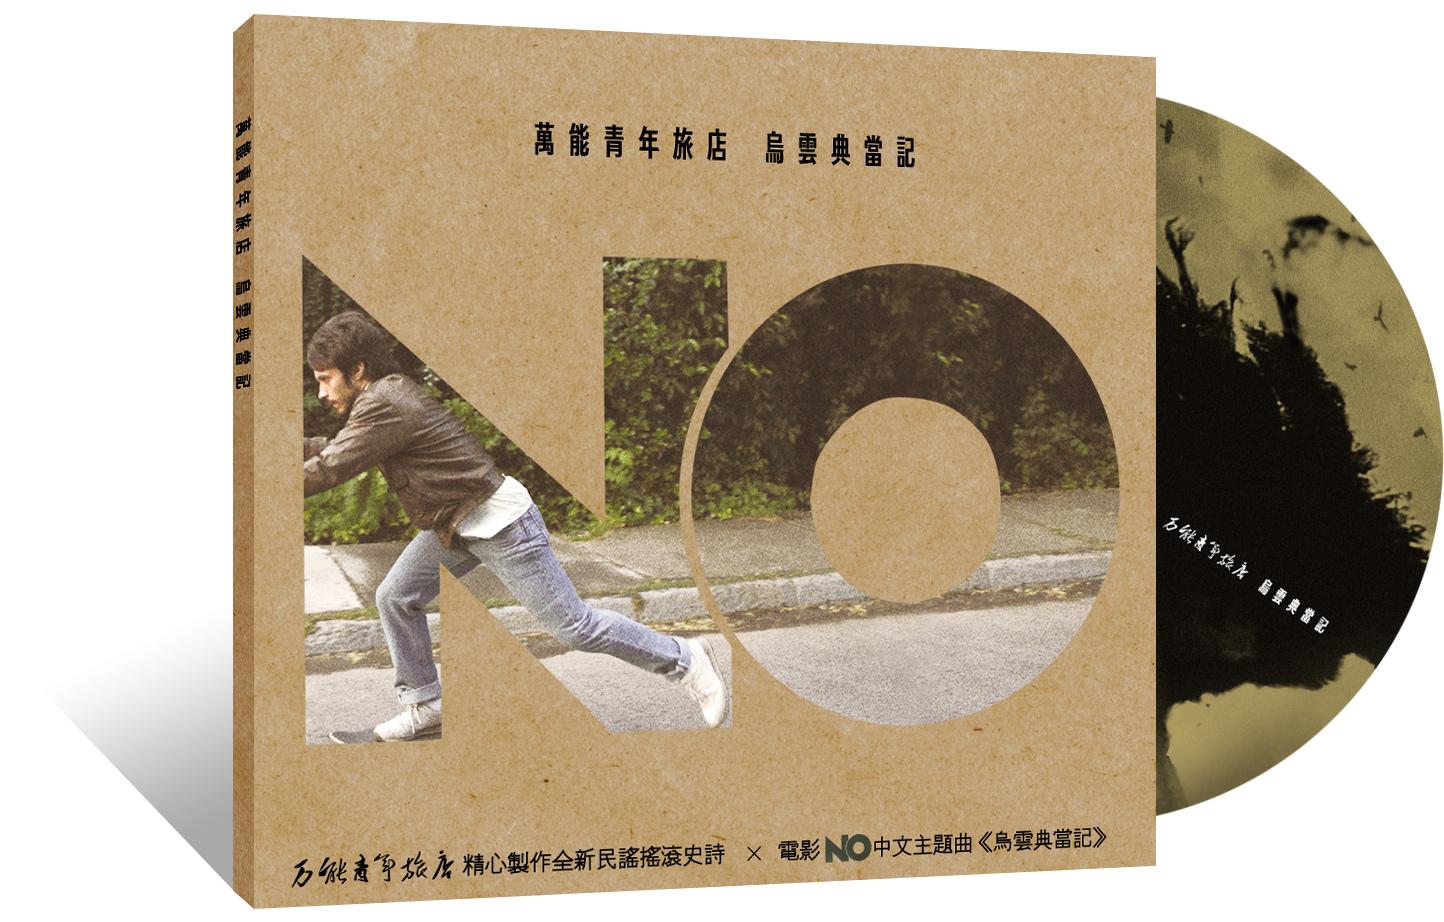 CD封面圖檔